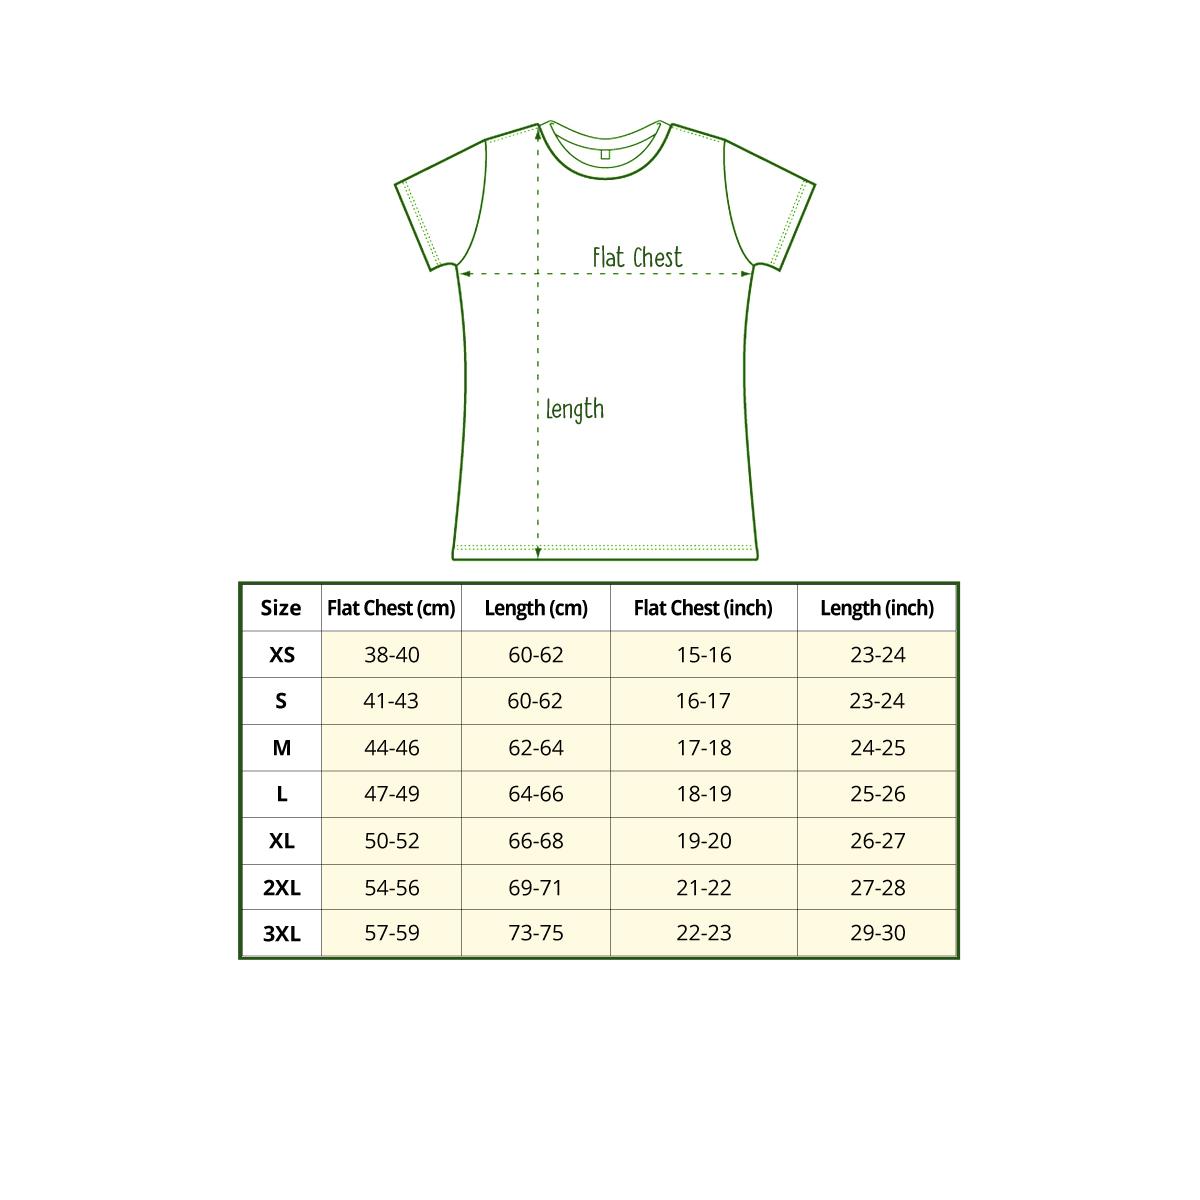 Weißes Pferd Wildnis Mondschein Damen T-shirt S-3XL Neu